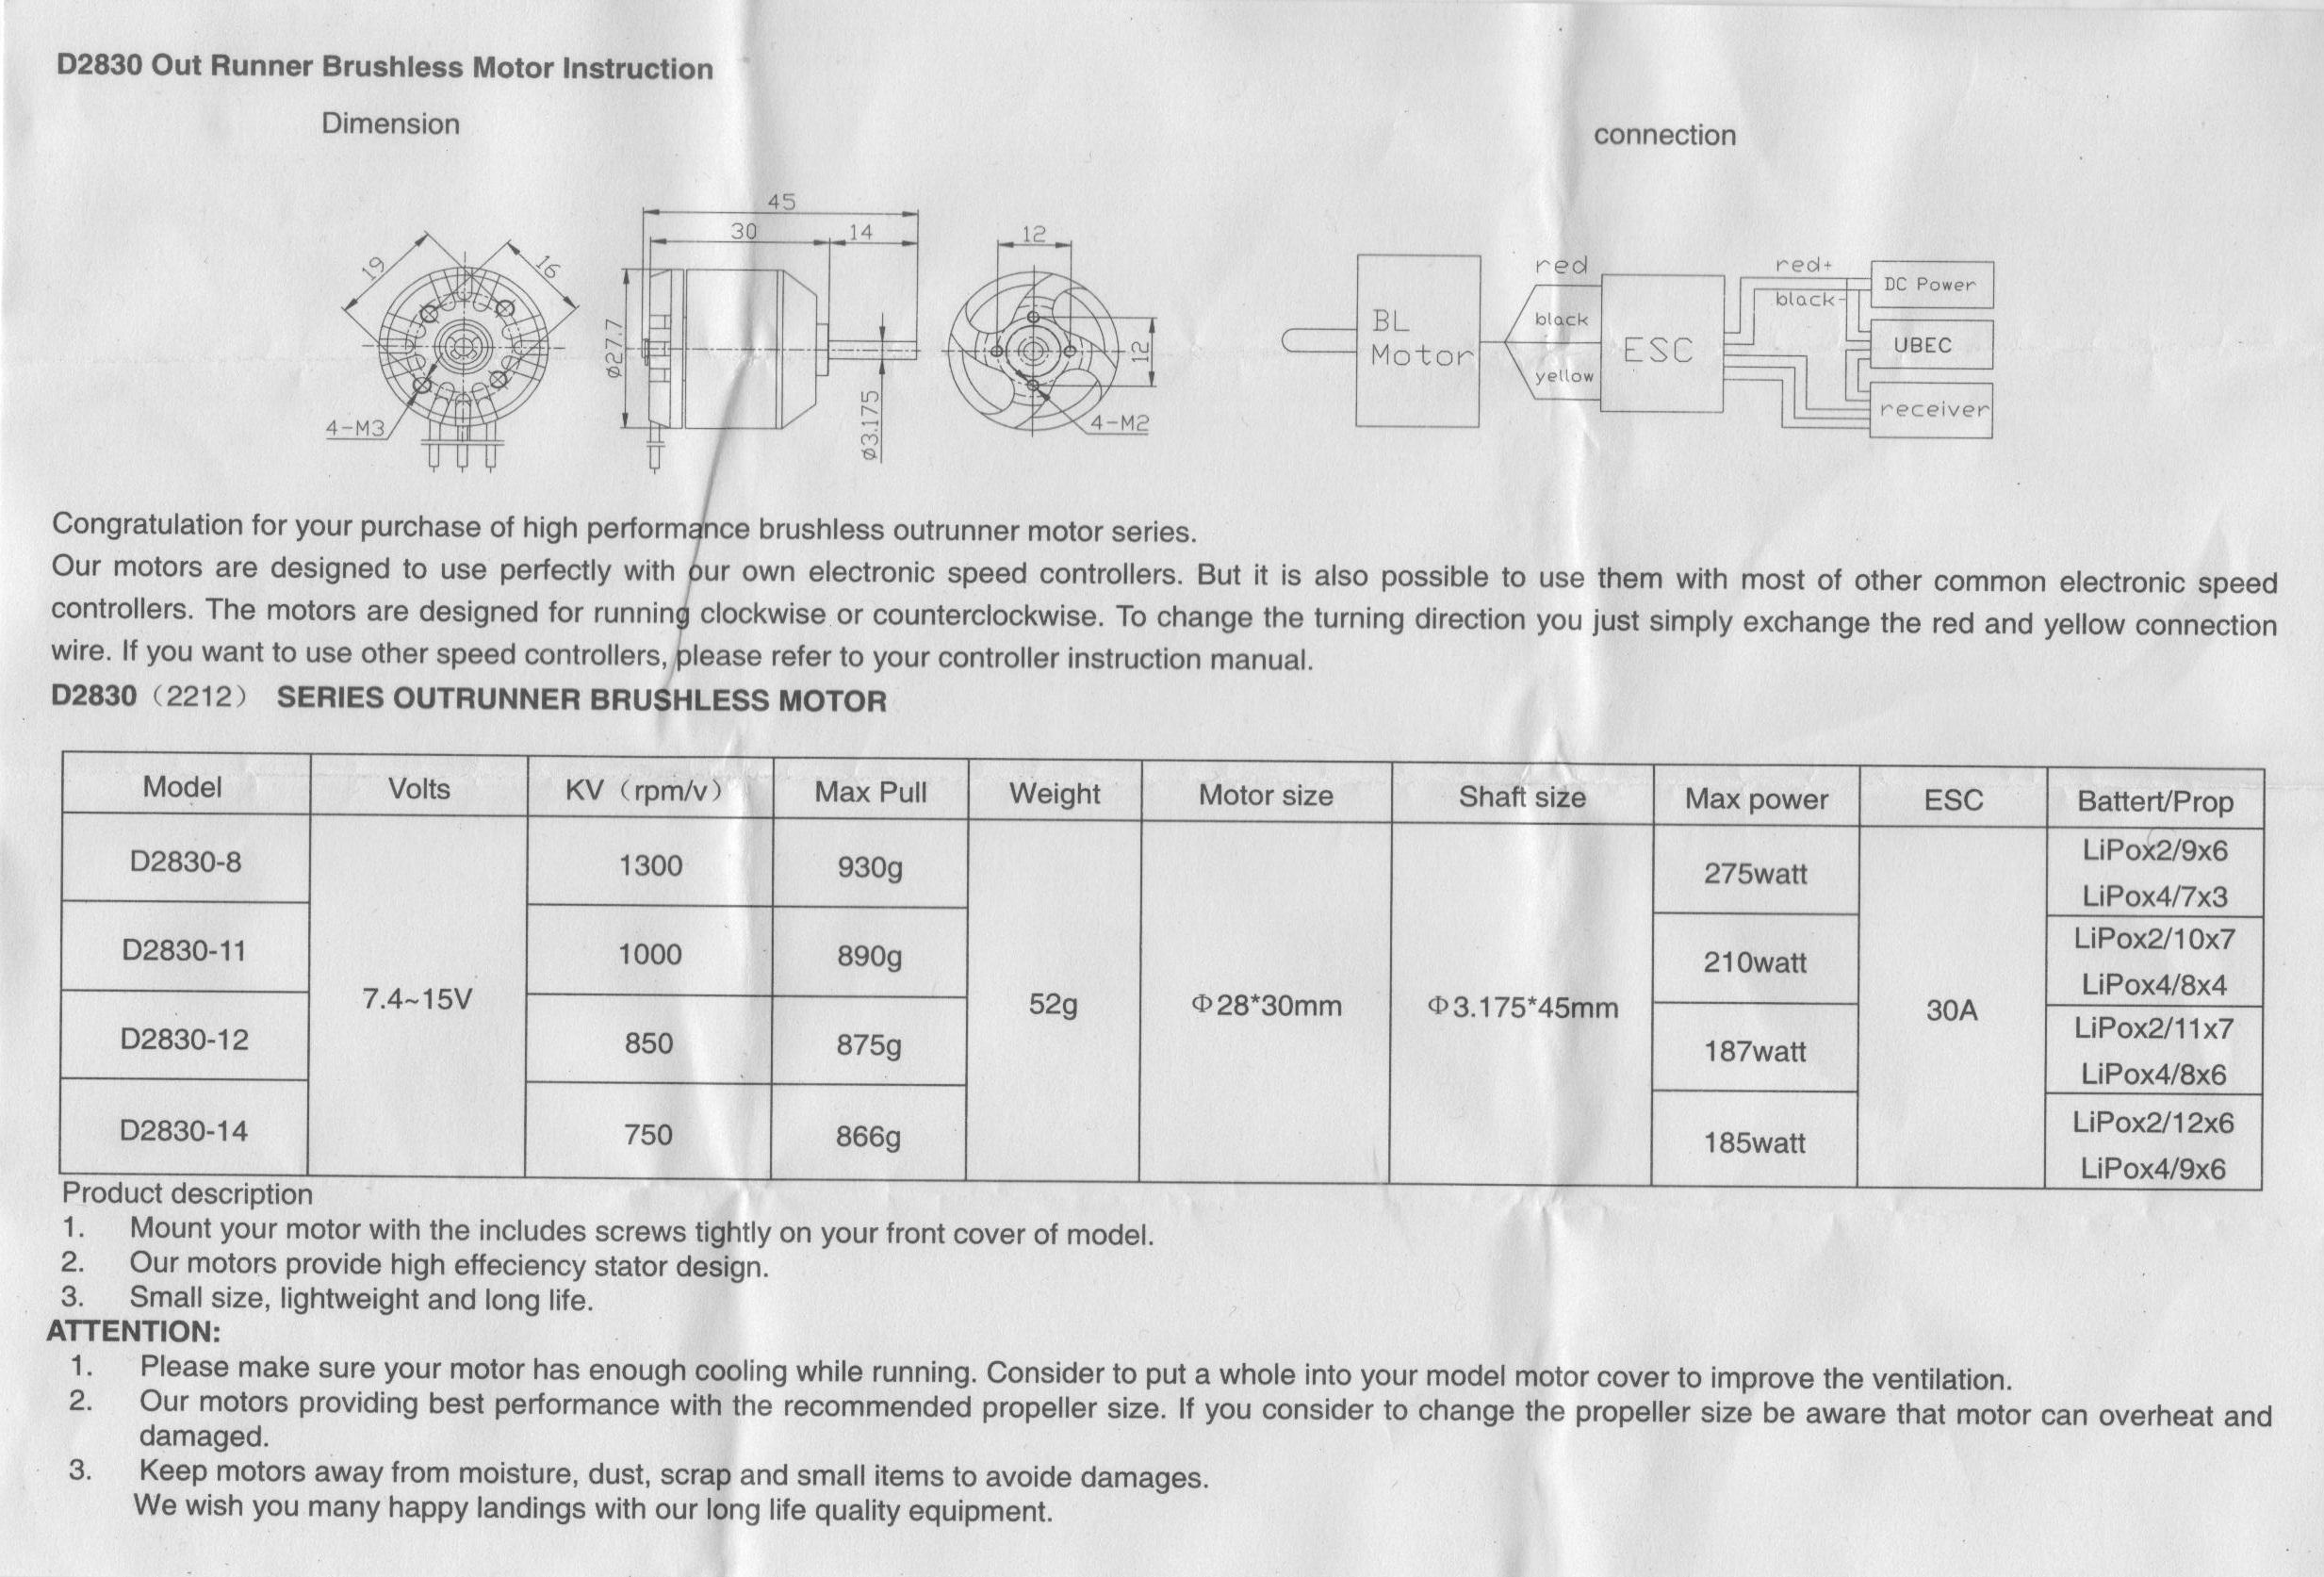 Turnigy D2830-11 1000kv Brushless Motor